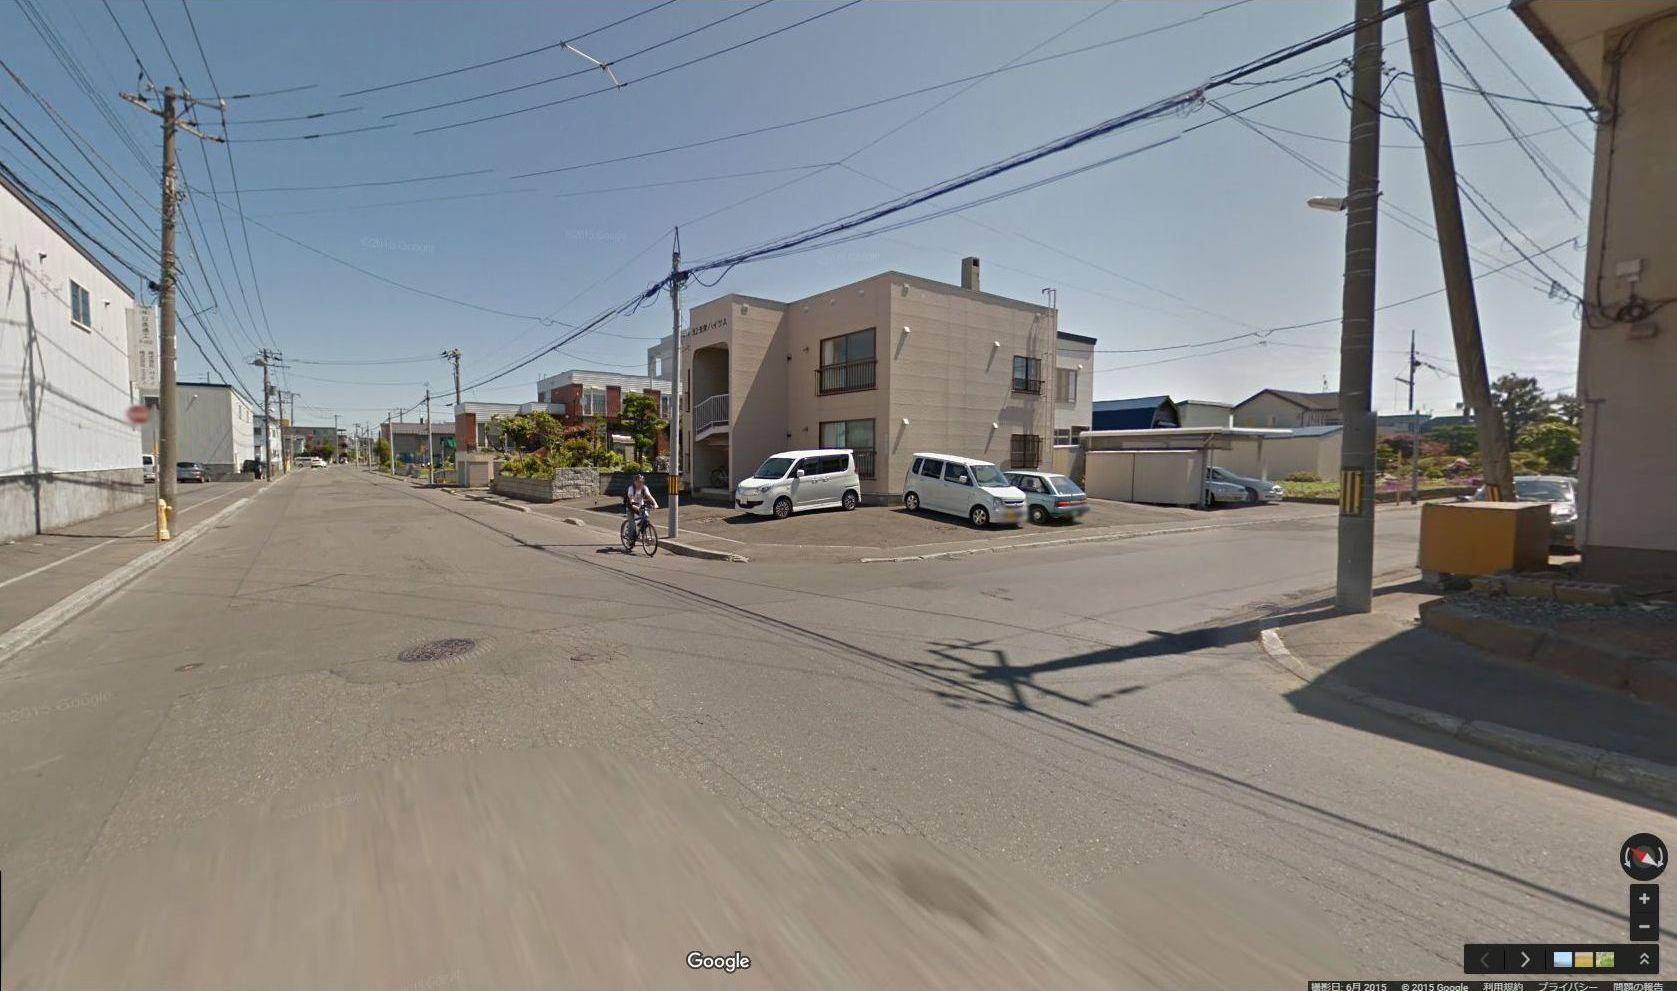 半年前に出会ったグーグル・ストリートビュー撮影車に撮られていた_c0025115_17445384.jpg